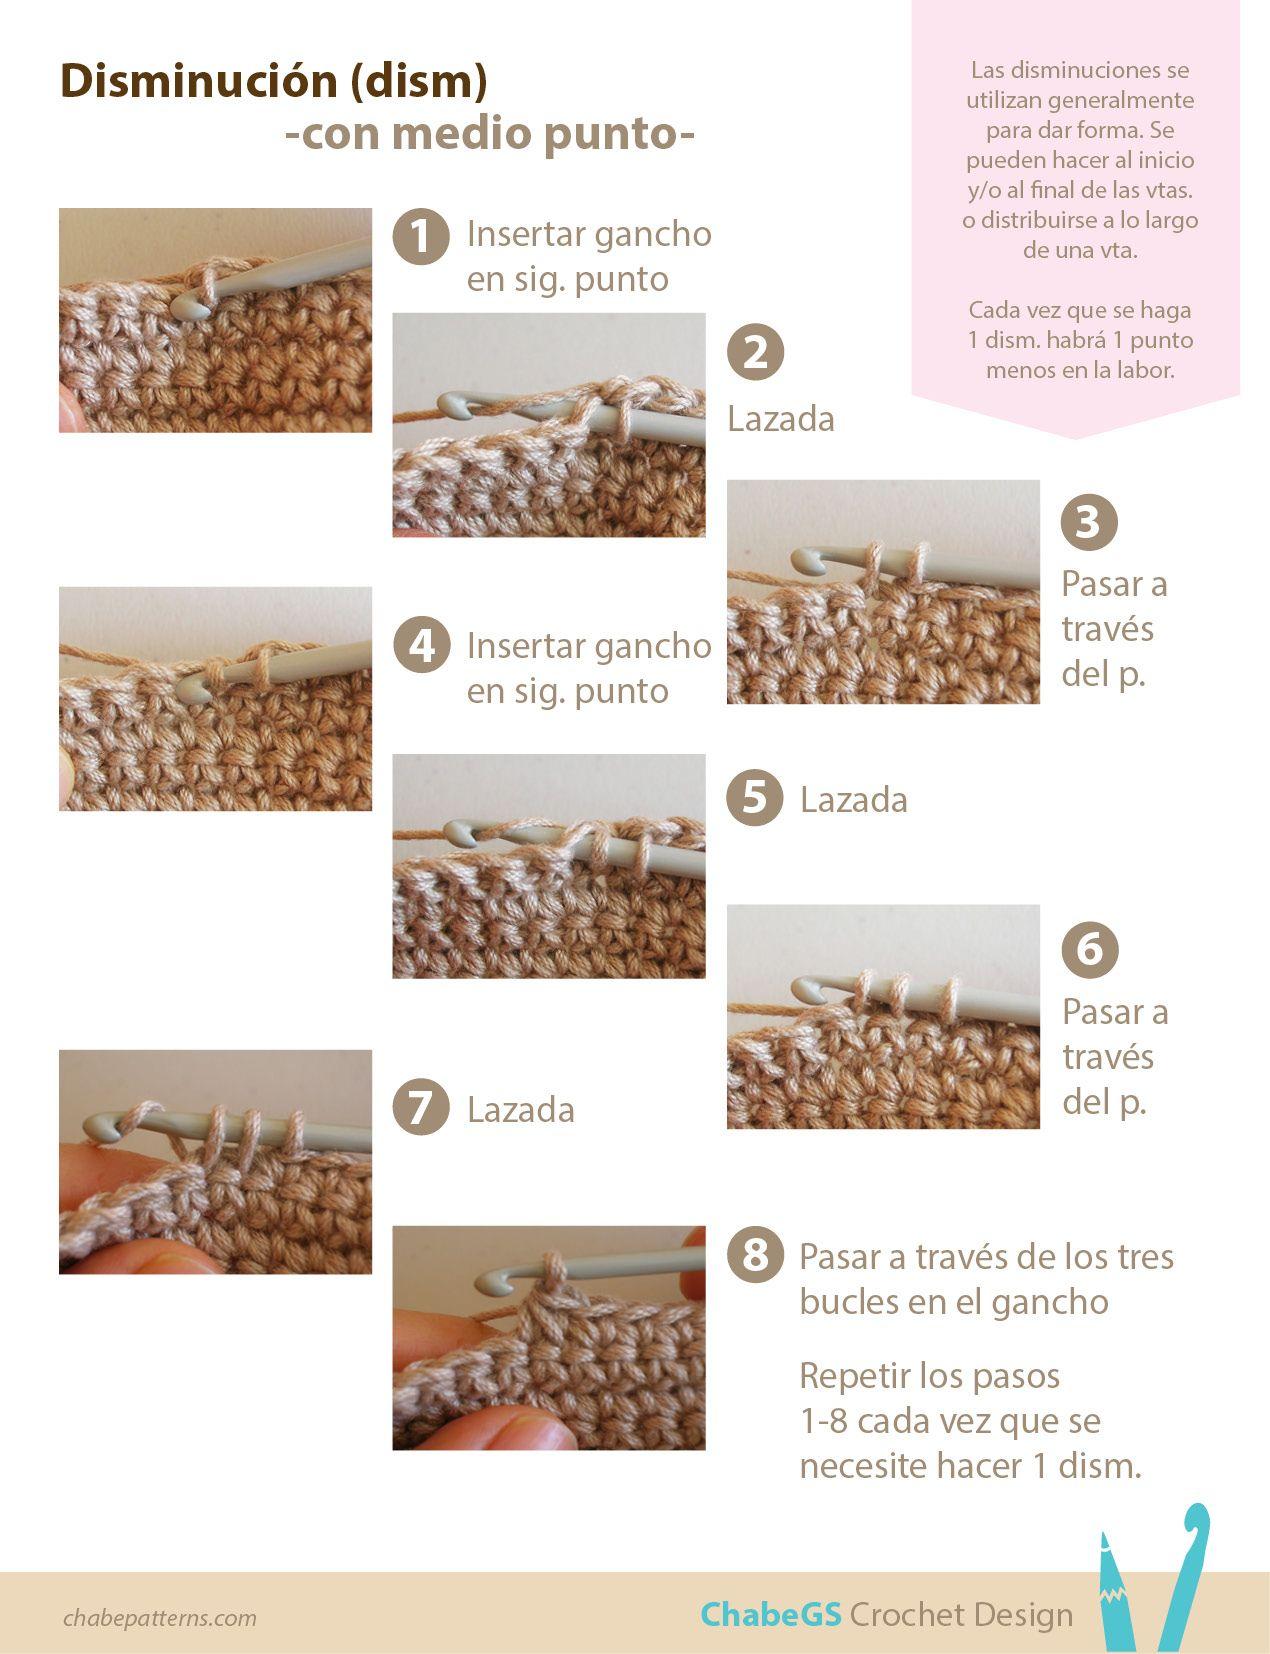 Fototutorial sobre cómo hacer disminuciones con medio punto (punto ...